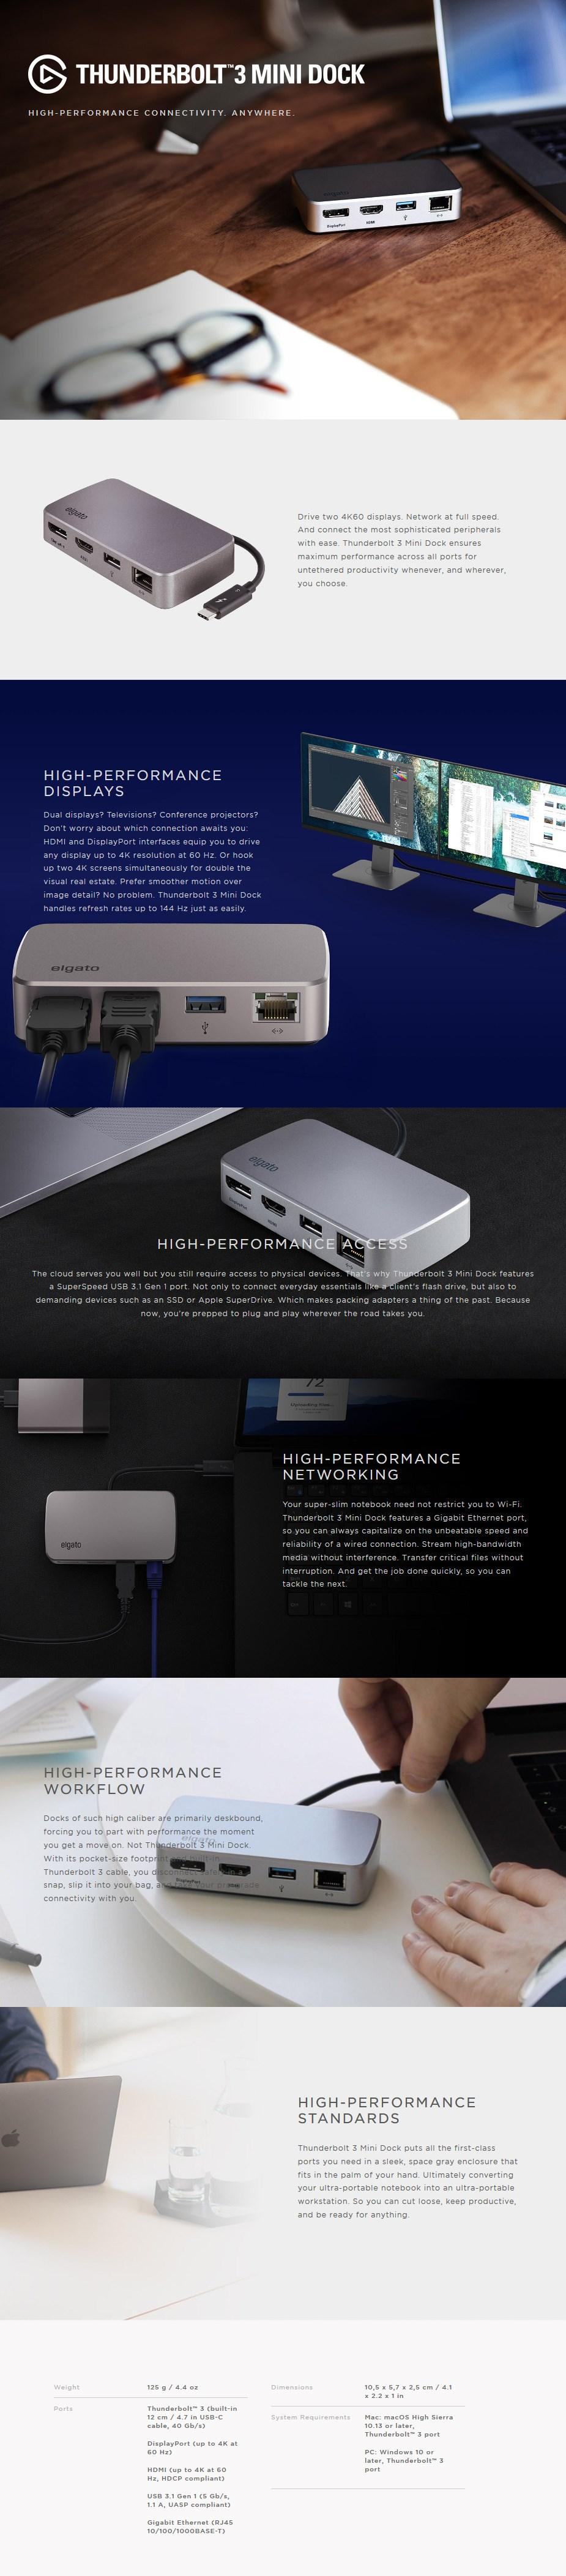 Elgato Thunderbolt 3 Mini Dock - Desktop Overview 1